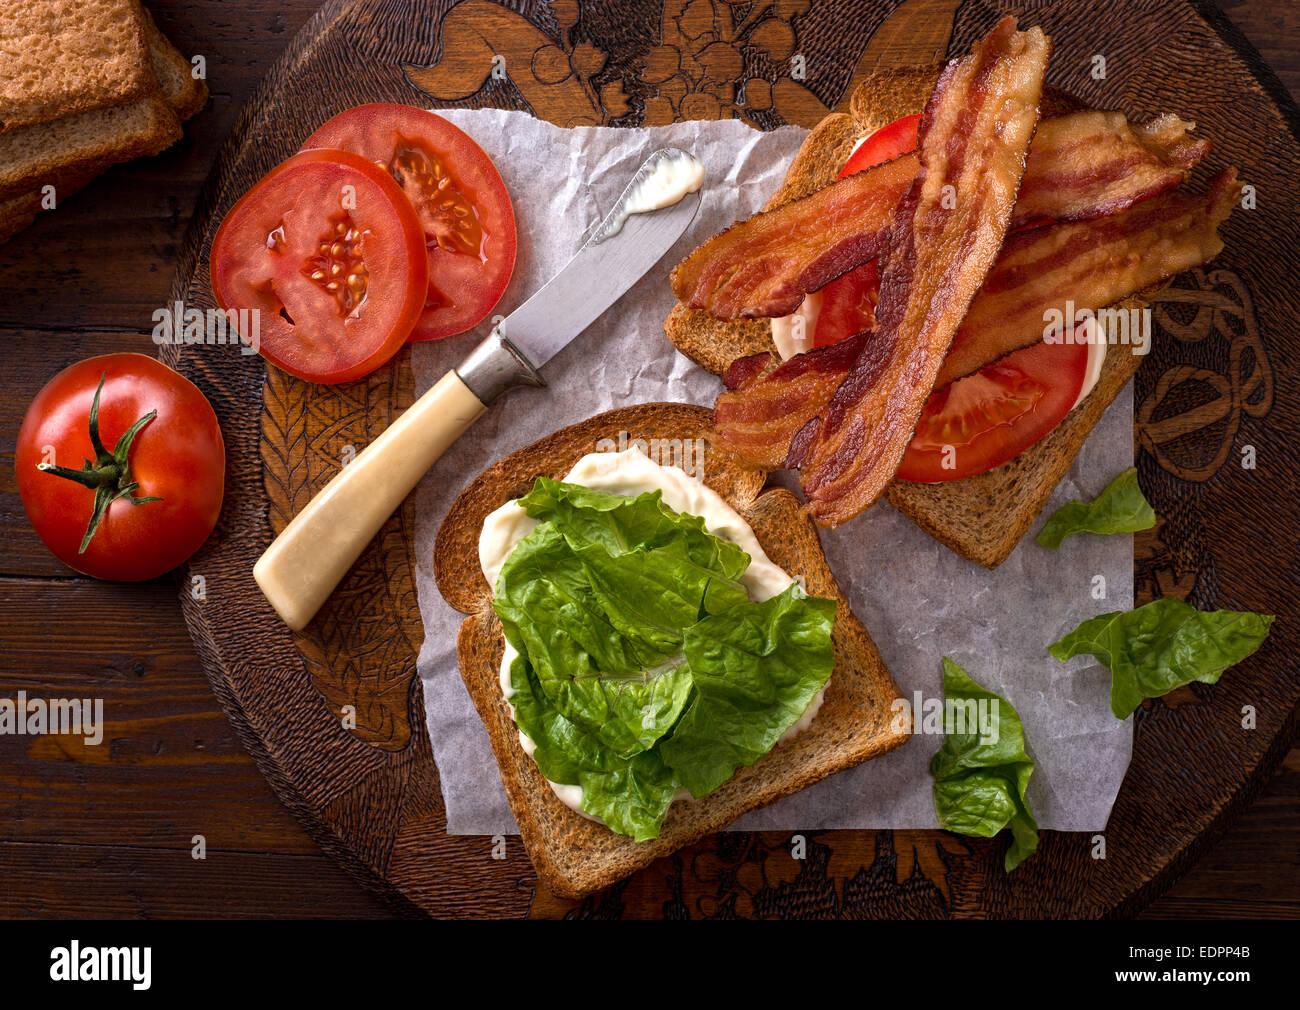 Un délicieux BLT, bacon, laitue et tomate sandwich sur la table rustique. Photo Stock